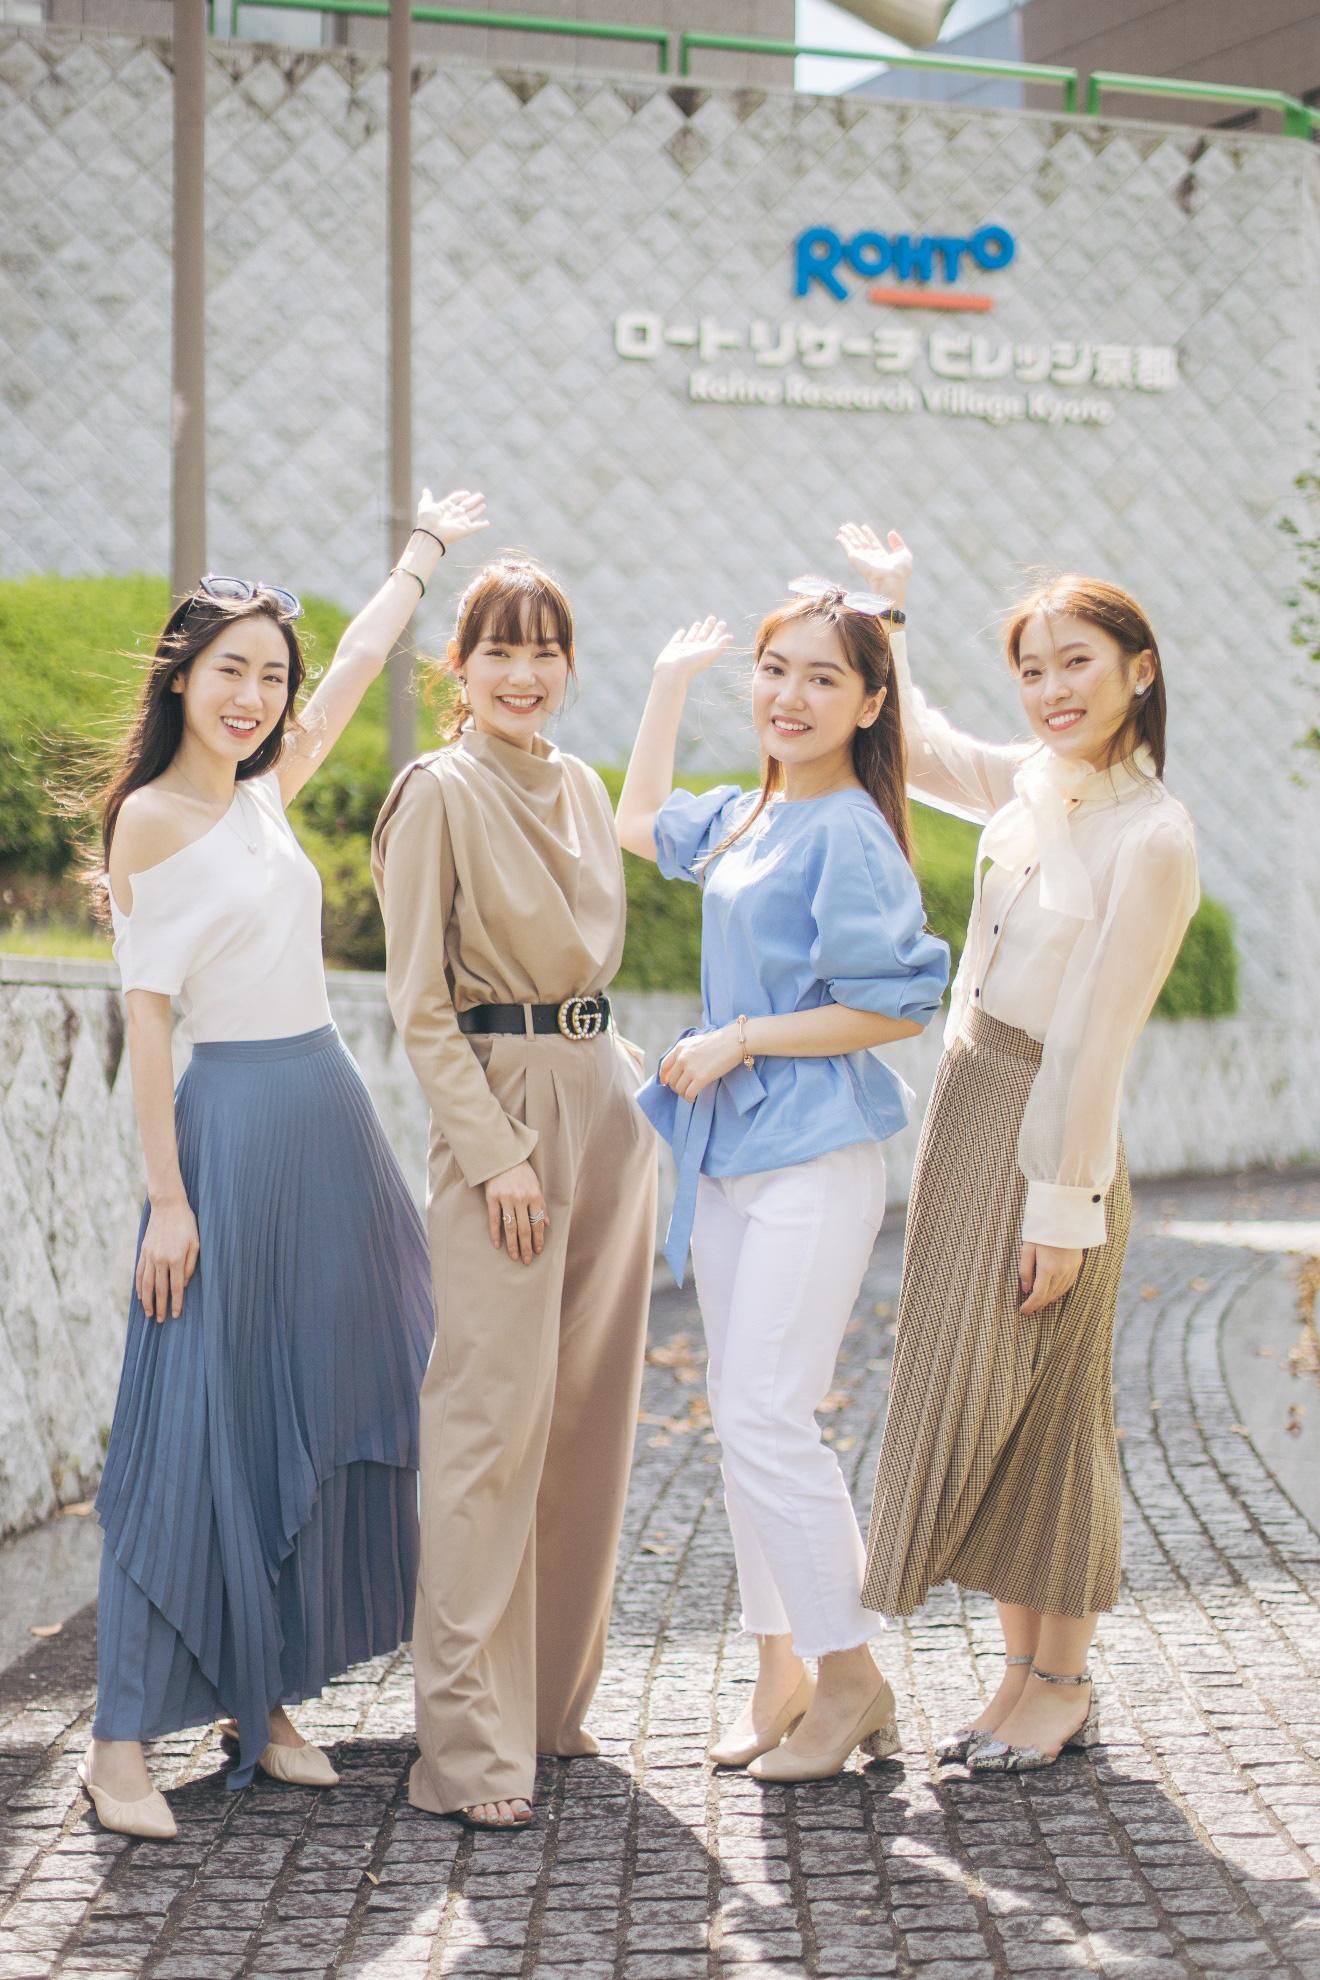 Nhân vật đặc biệt cùng dàn Beauty Vlogger nổi tiếng ghé thăm phòng nghiên cứu Rohto tại Nhật Bản là ai? - Ảnh 1.